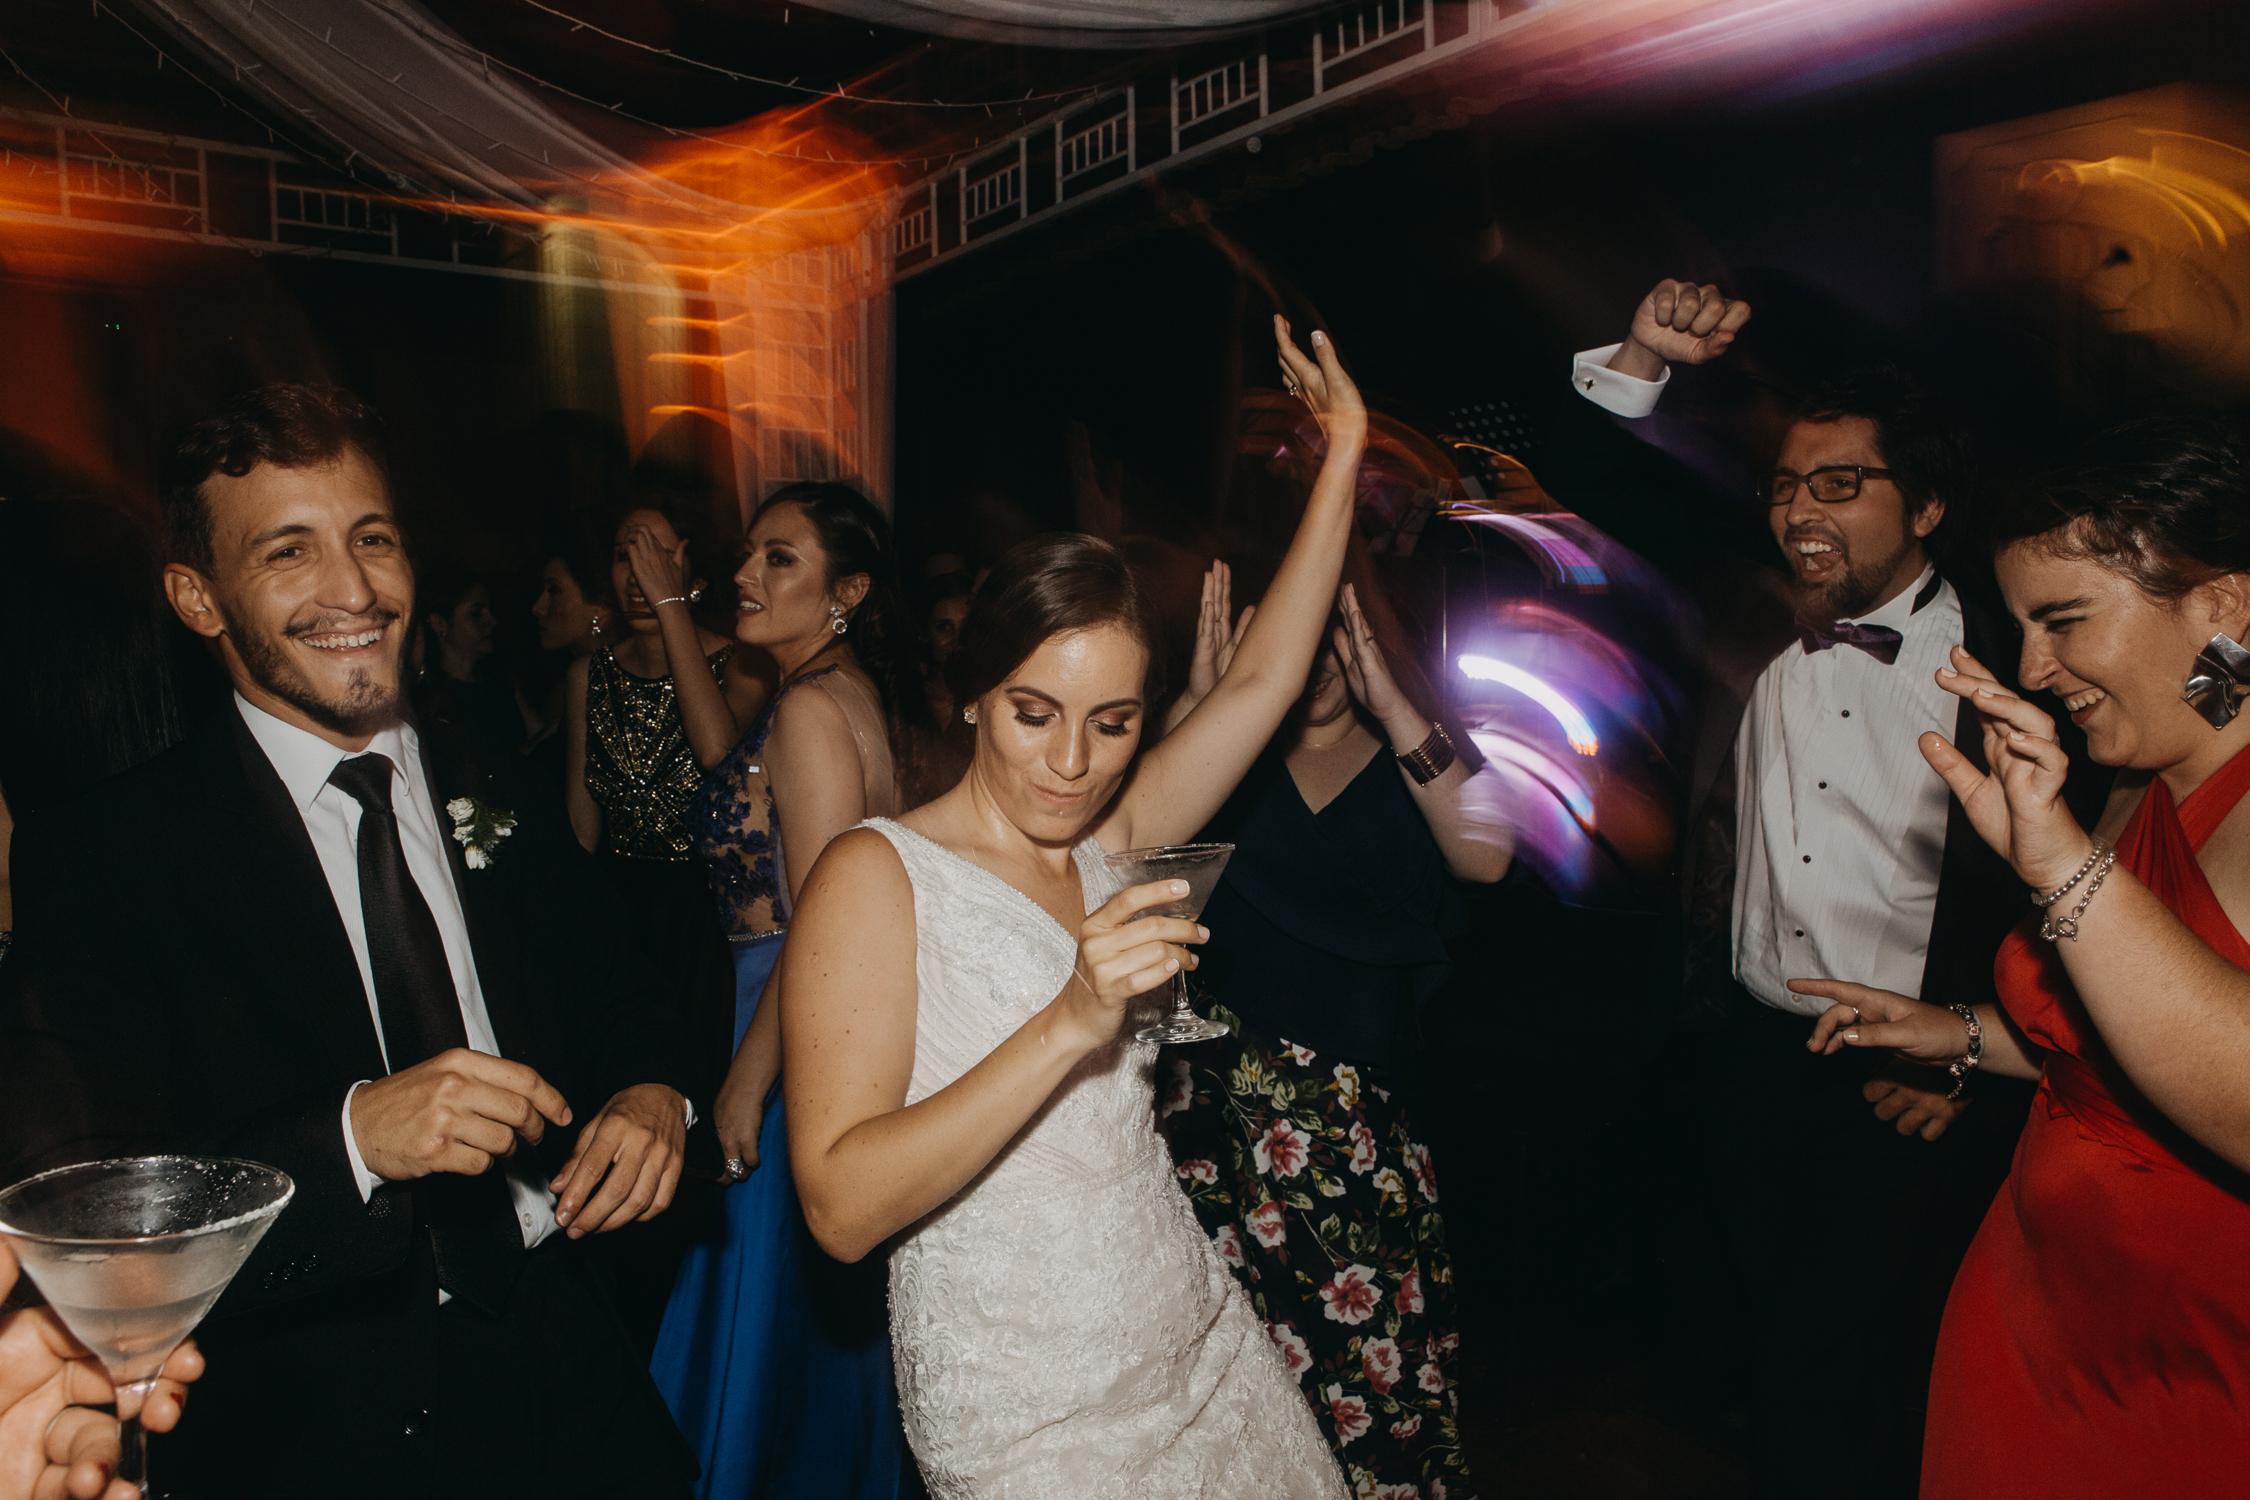 Michelle-Agurto-Fotografia-Bodas-Ecuador-Destination-Wedding-Photographer-Ecuador-Mercedes-Alvaro-279.JPG